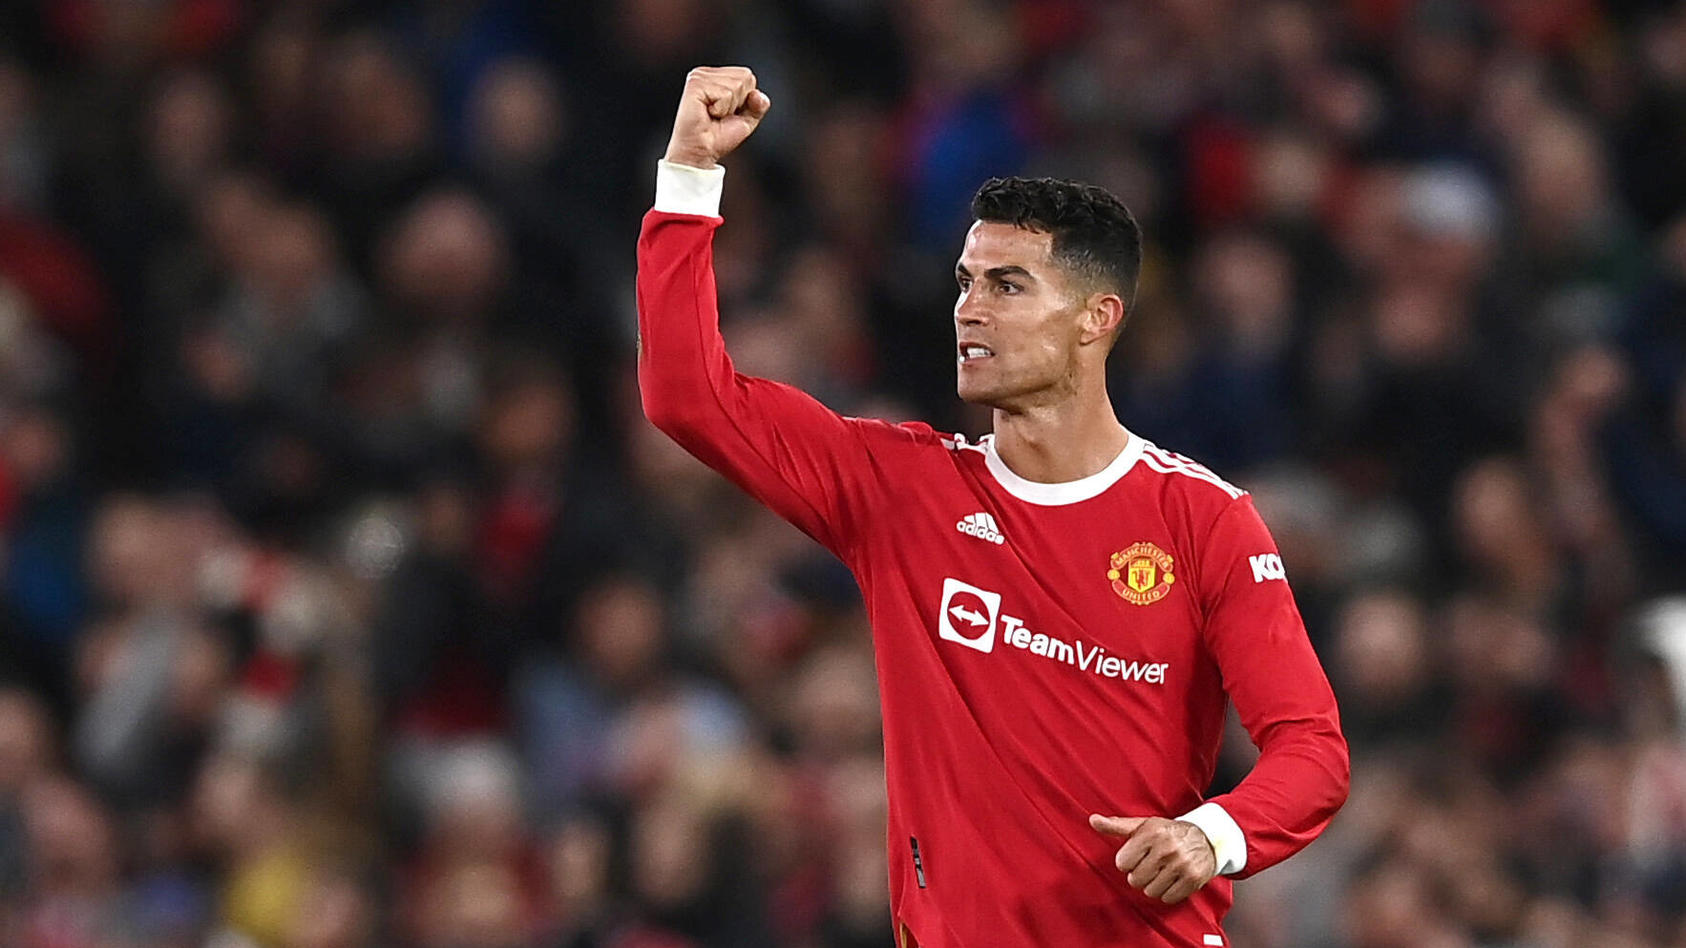 cristiano-ronaldo-spielt-seit-dieser-saison-wieder-fur-manchester-united